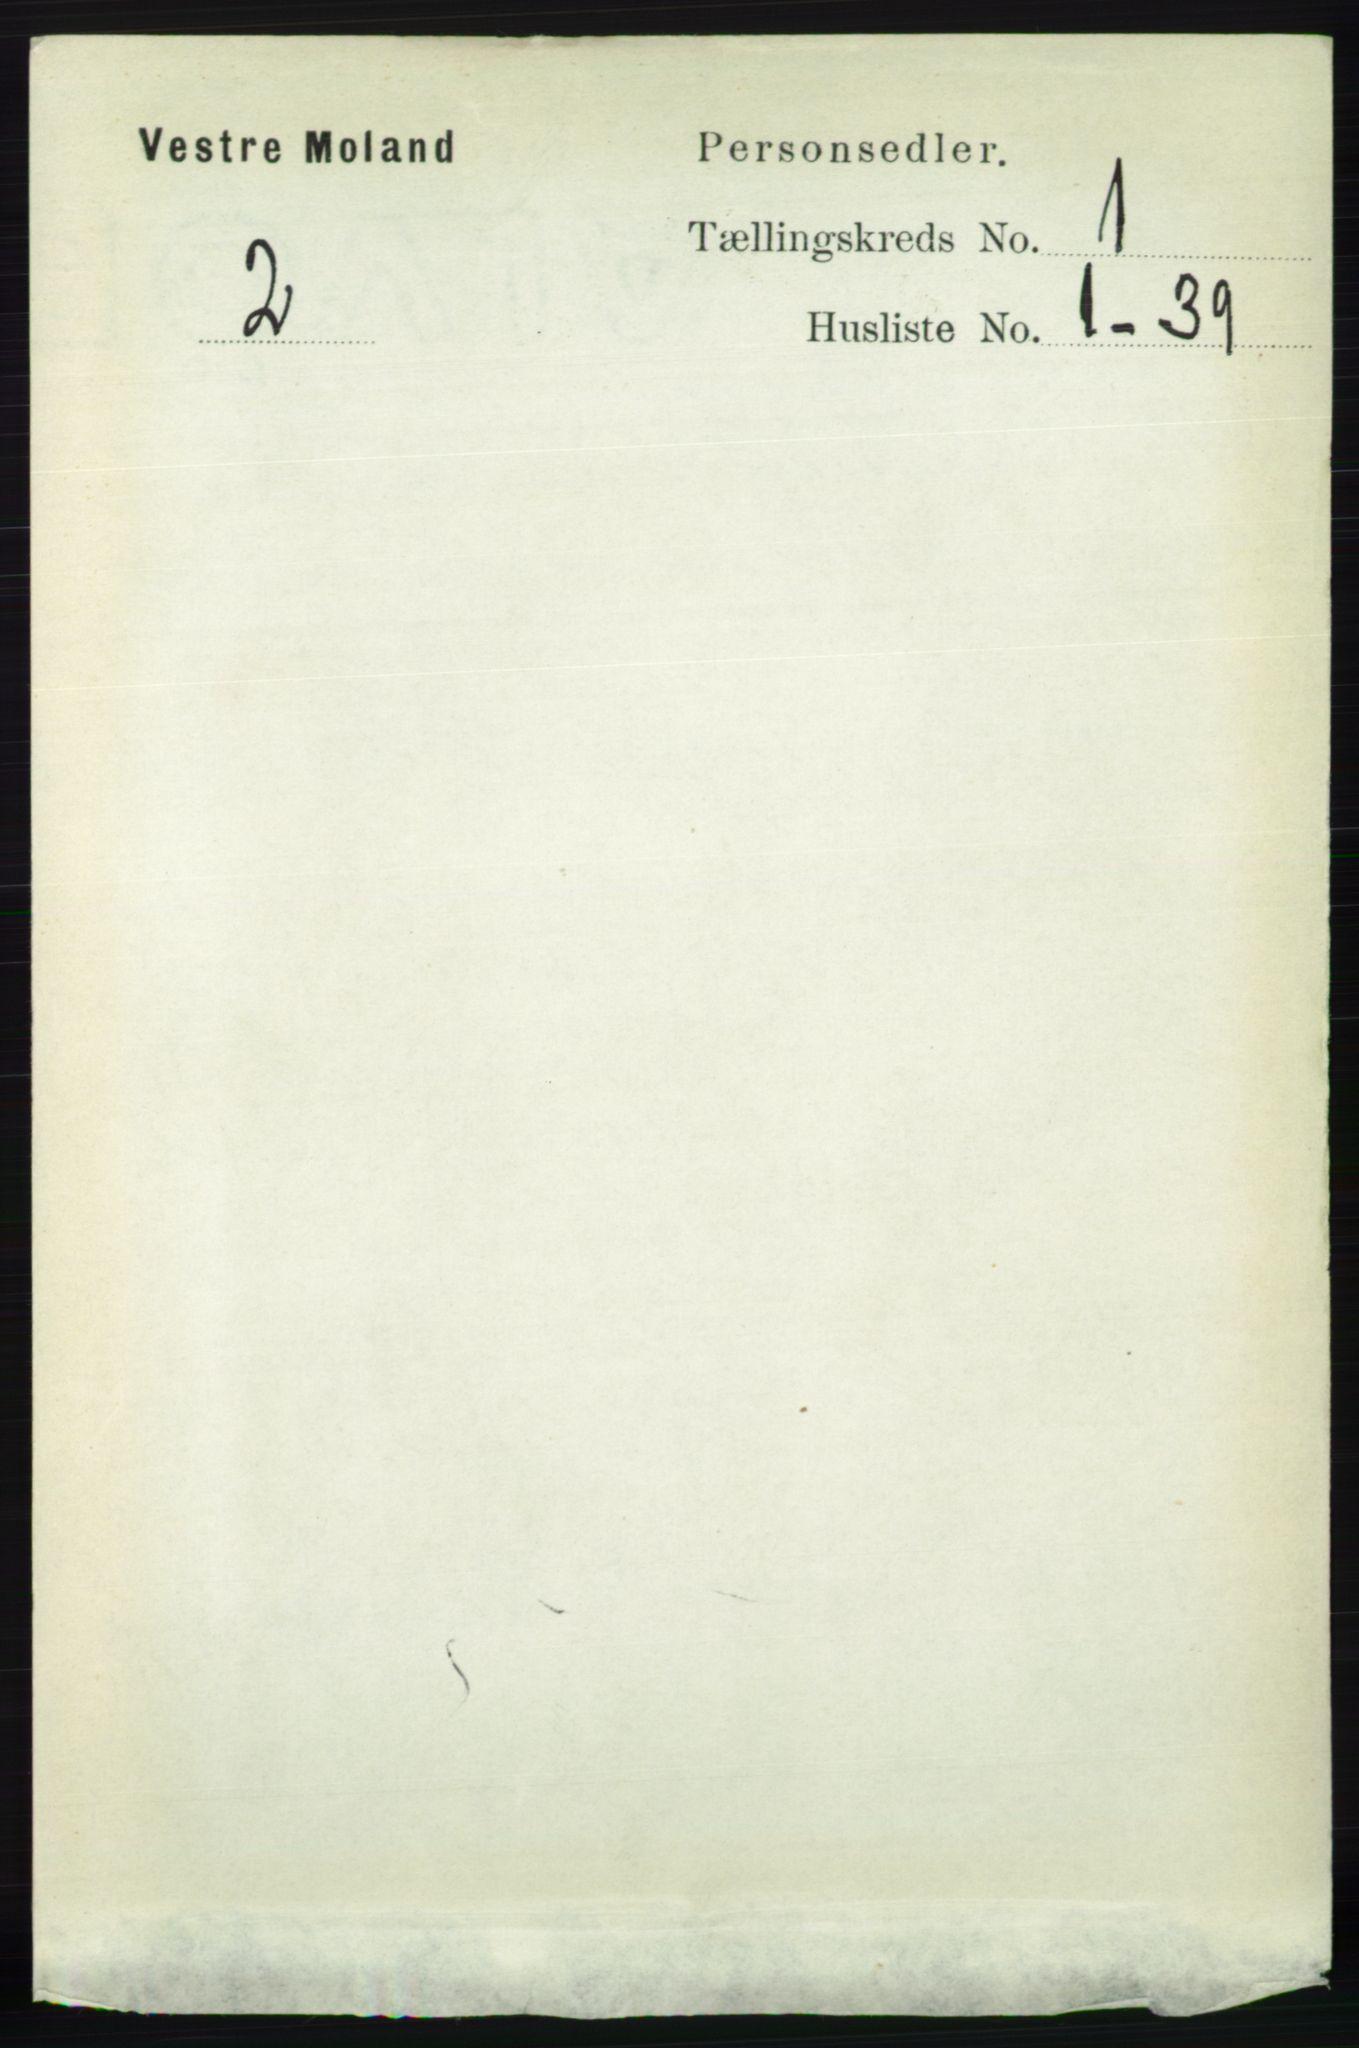 RA, Folketelling 1891 for 0926 Vestre Moland herred, 1891, s. 108